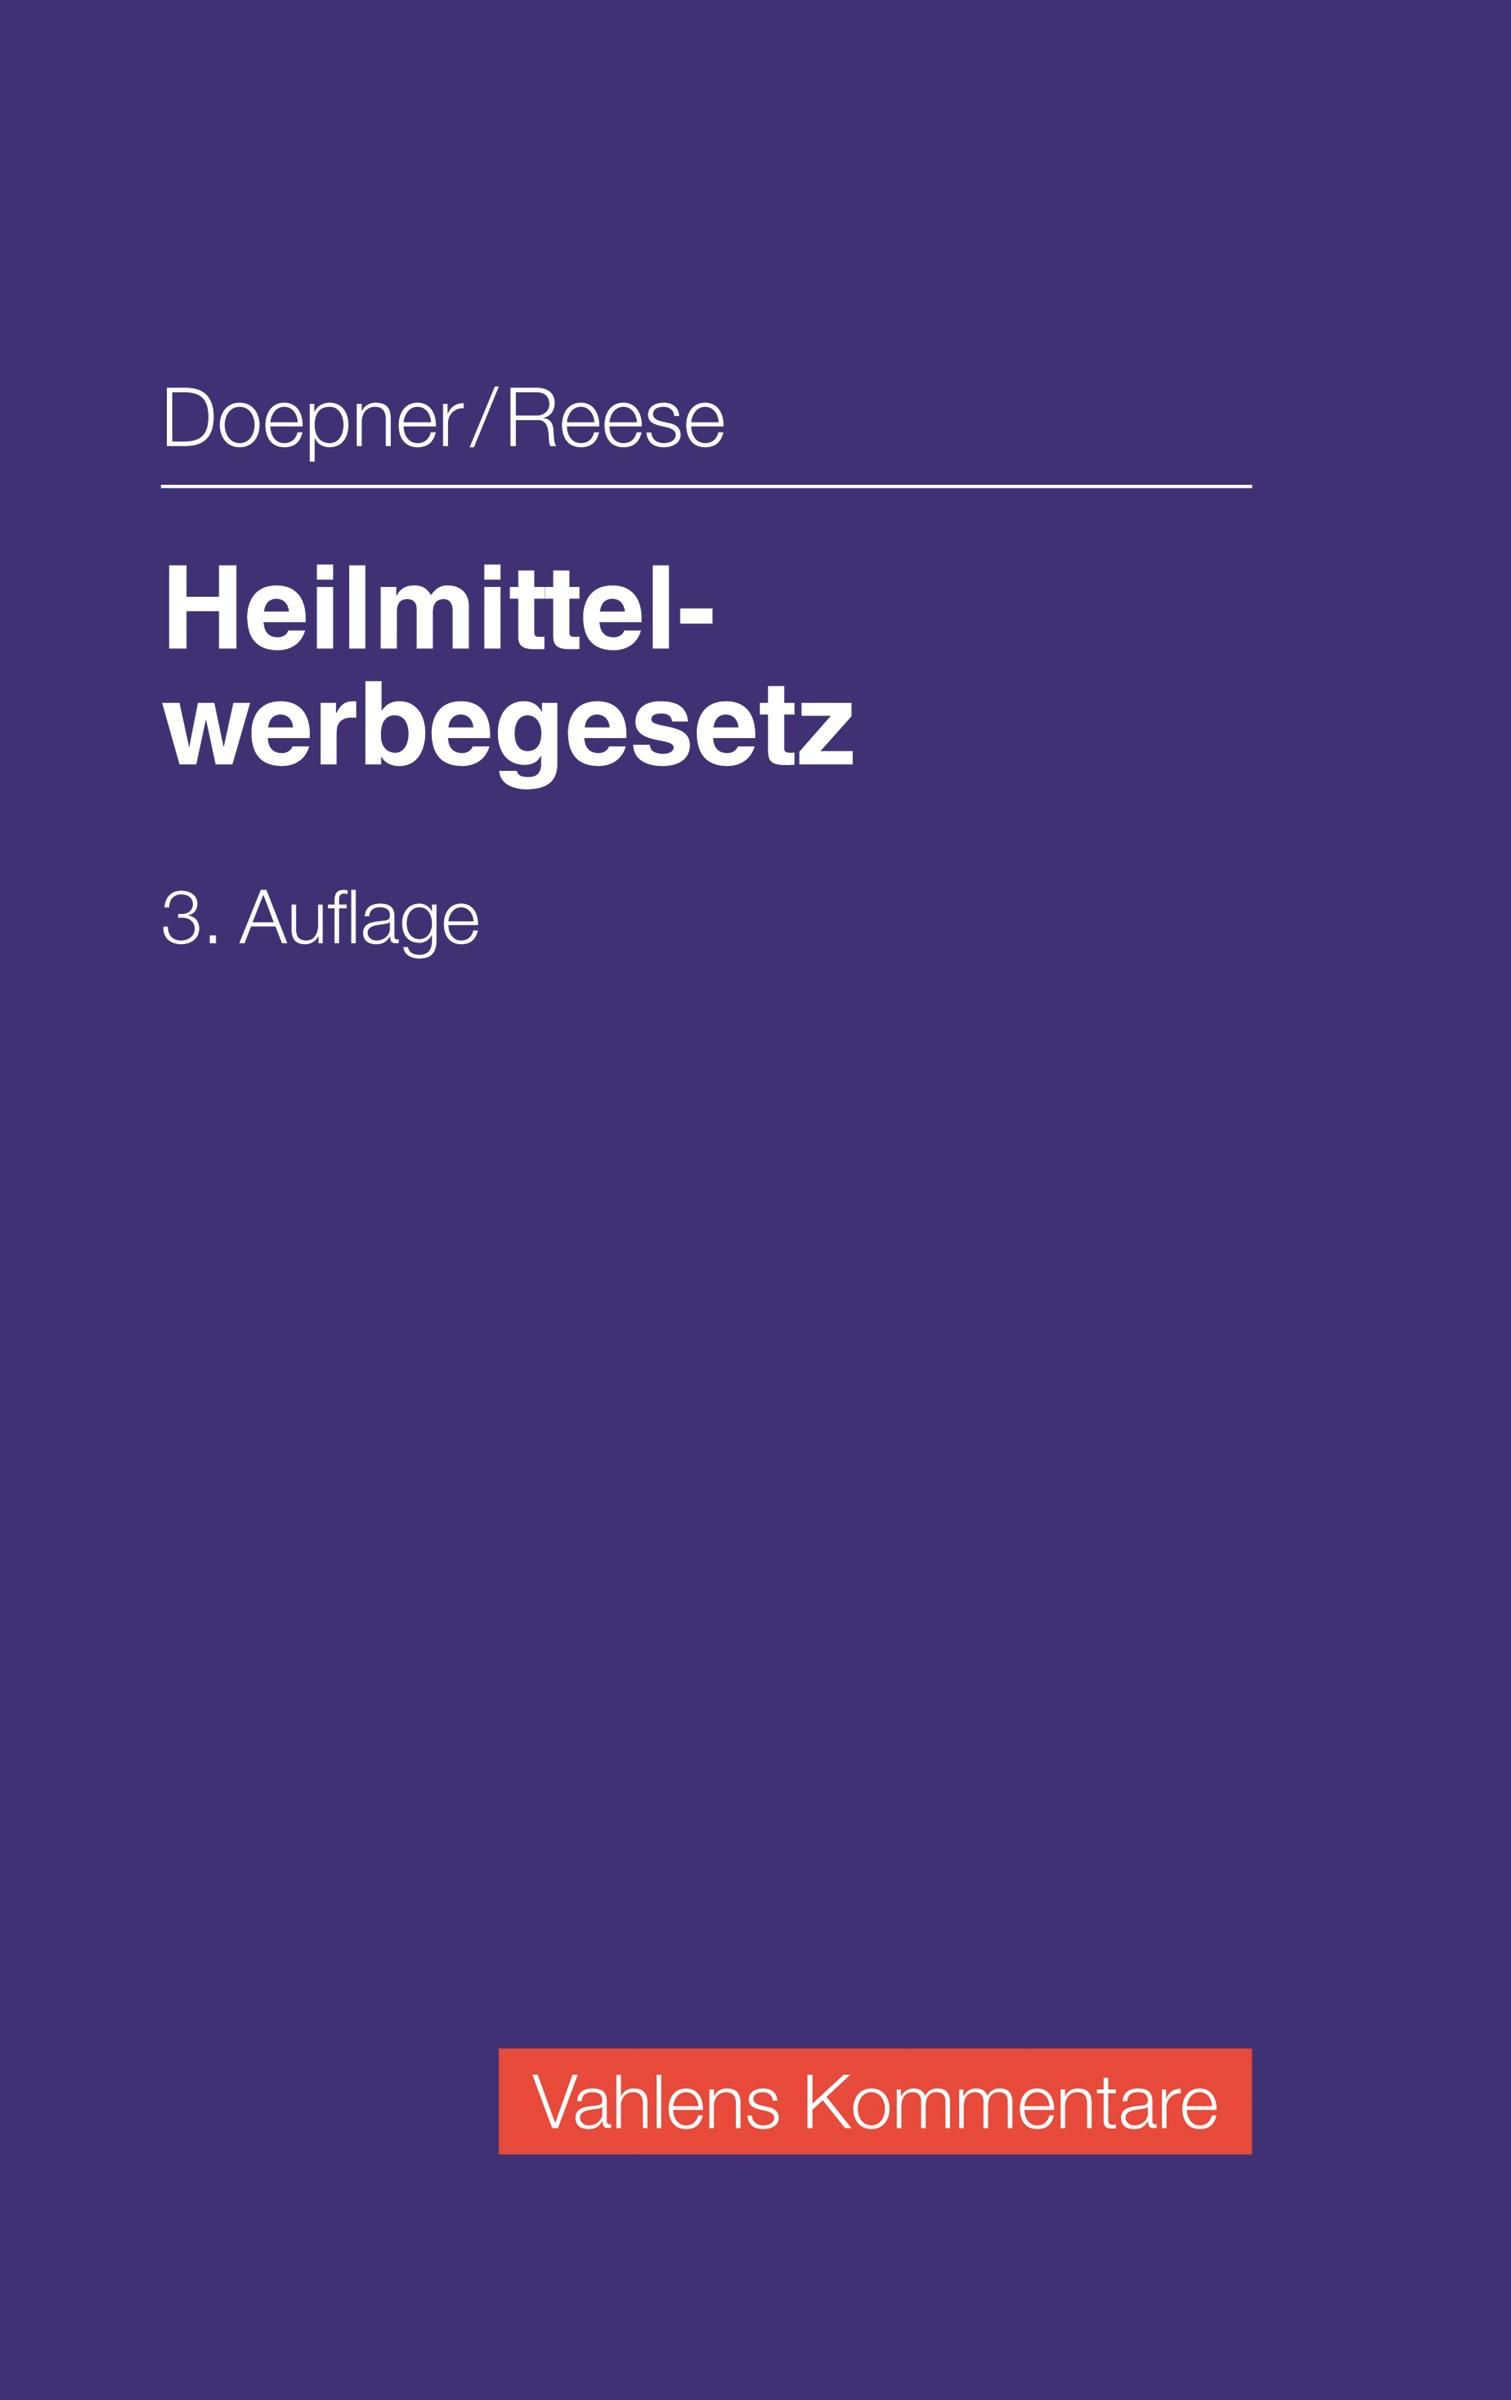 Heilmittelwerbegesetz | Doepner / Reese | 3., überarbeitete Auflage, 2018 | Buch (Cover)